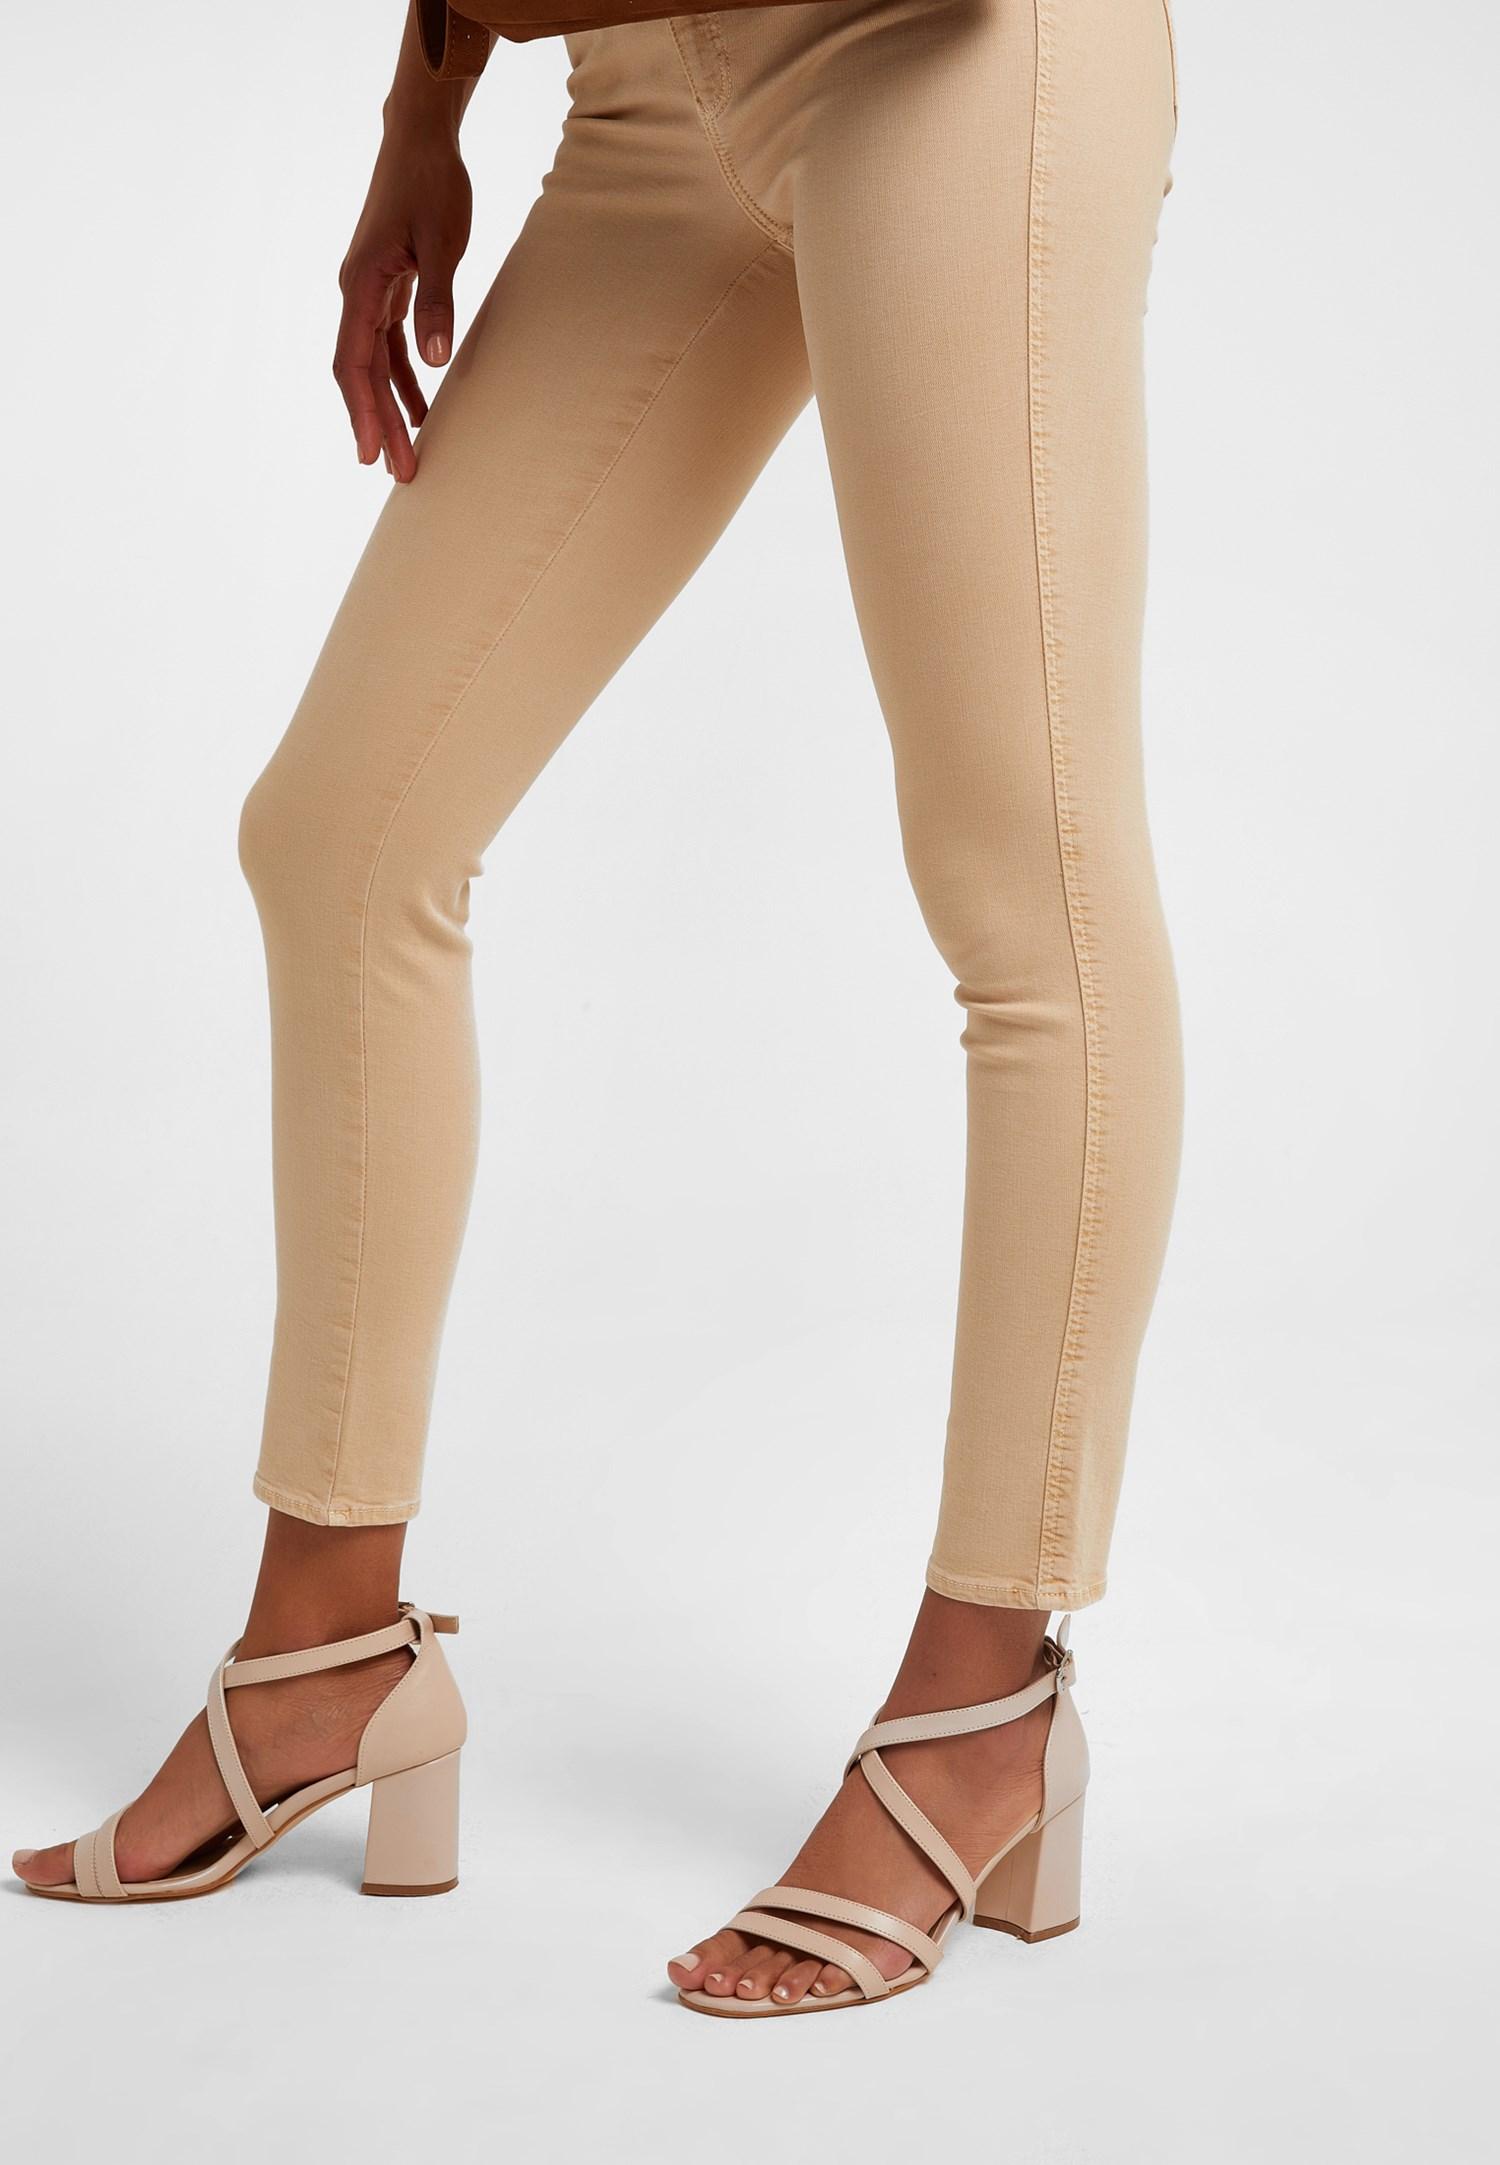 Bayan Krem Bant Detaylı Topuklu Ayakkabı